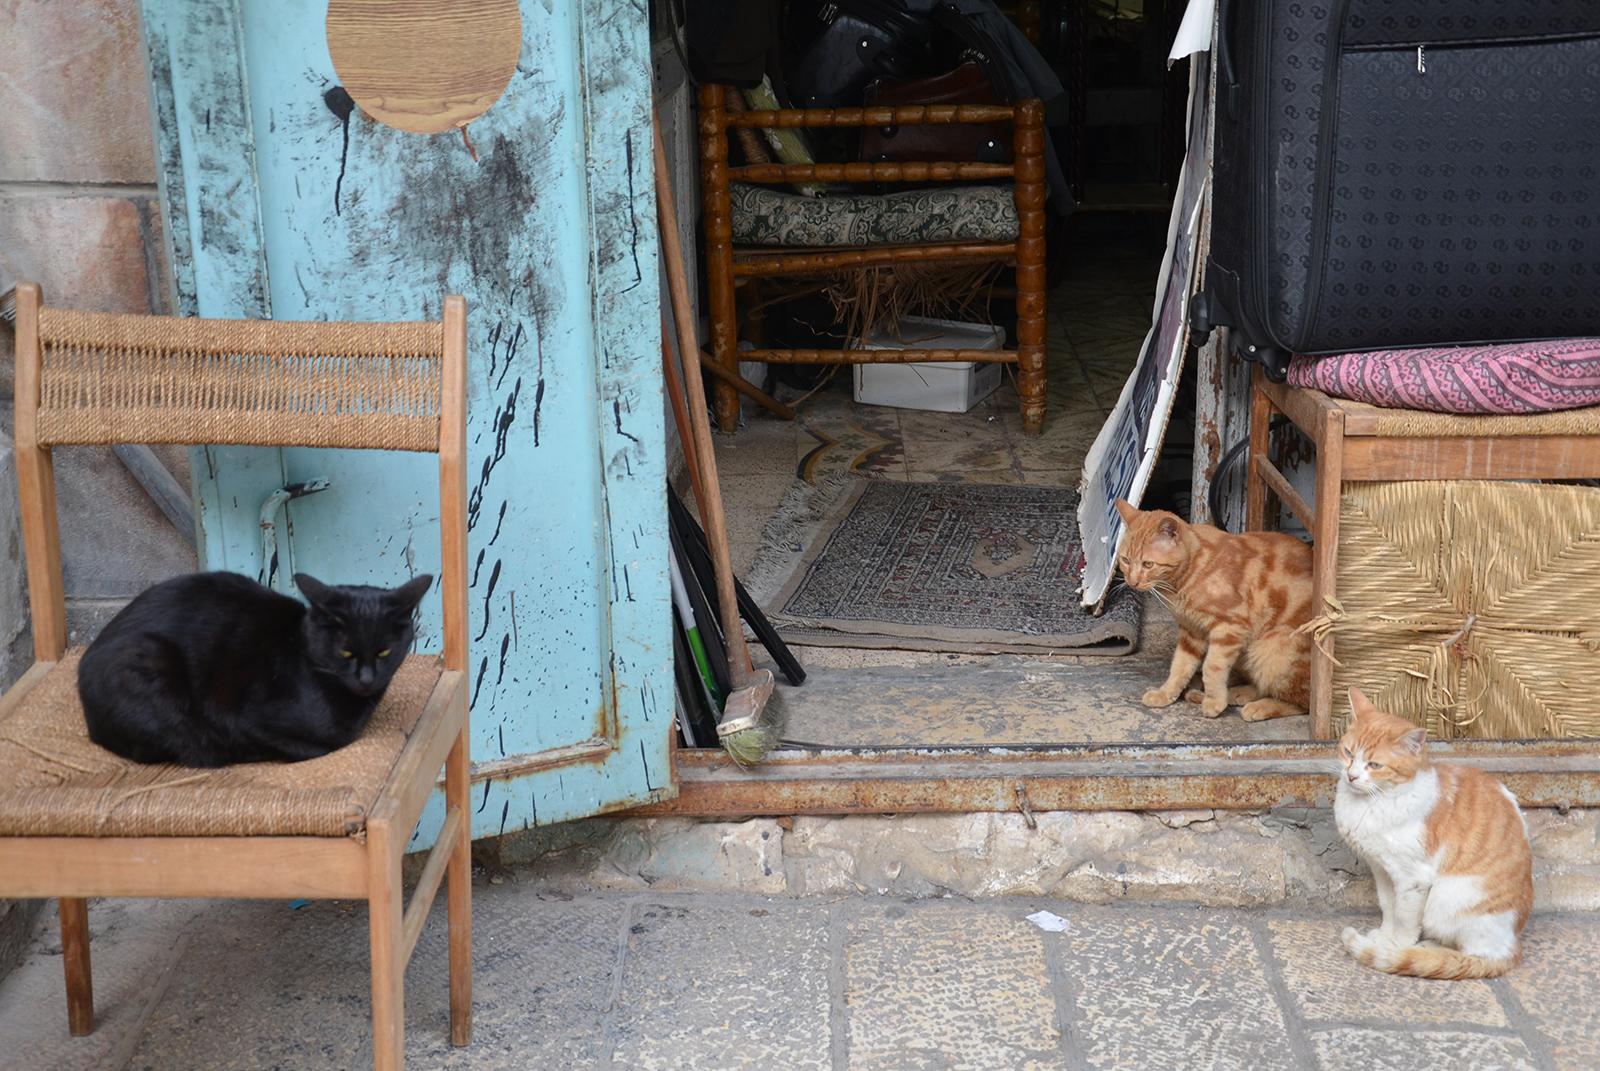 kočky, místní ochočené šelmy, Jeruzalém, Izrael